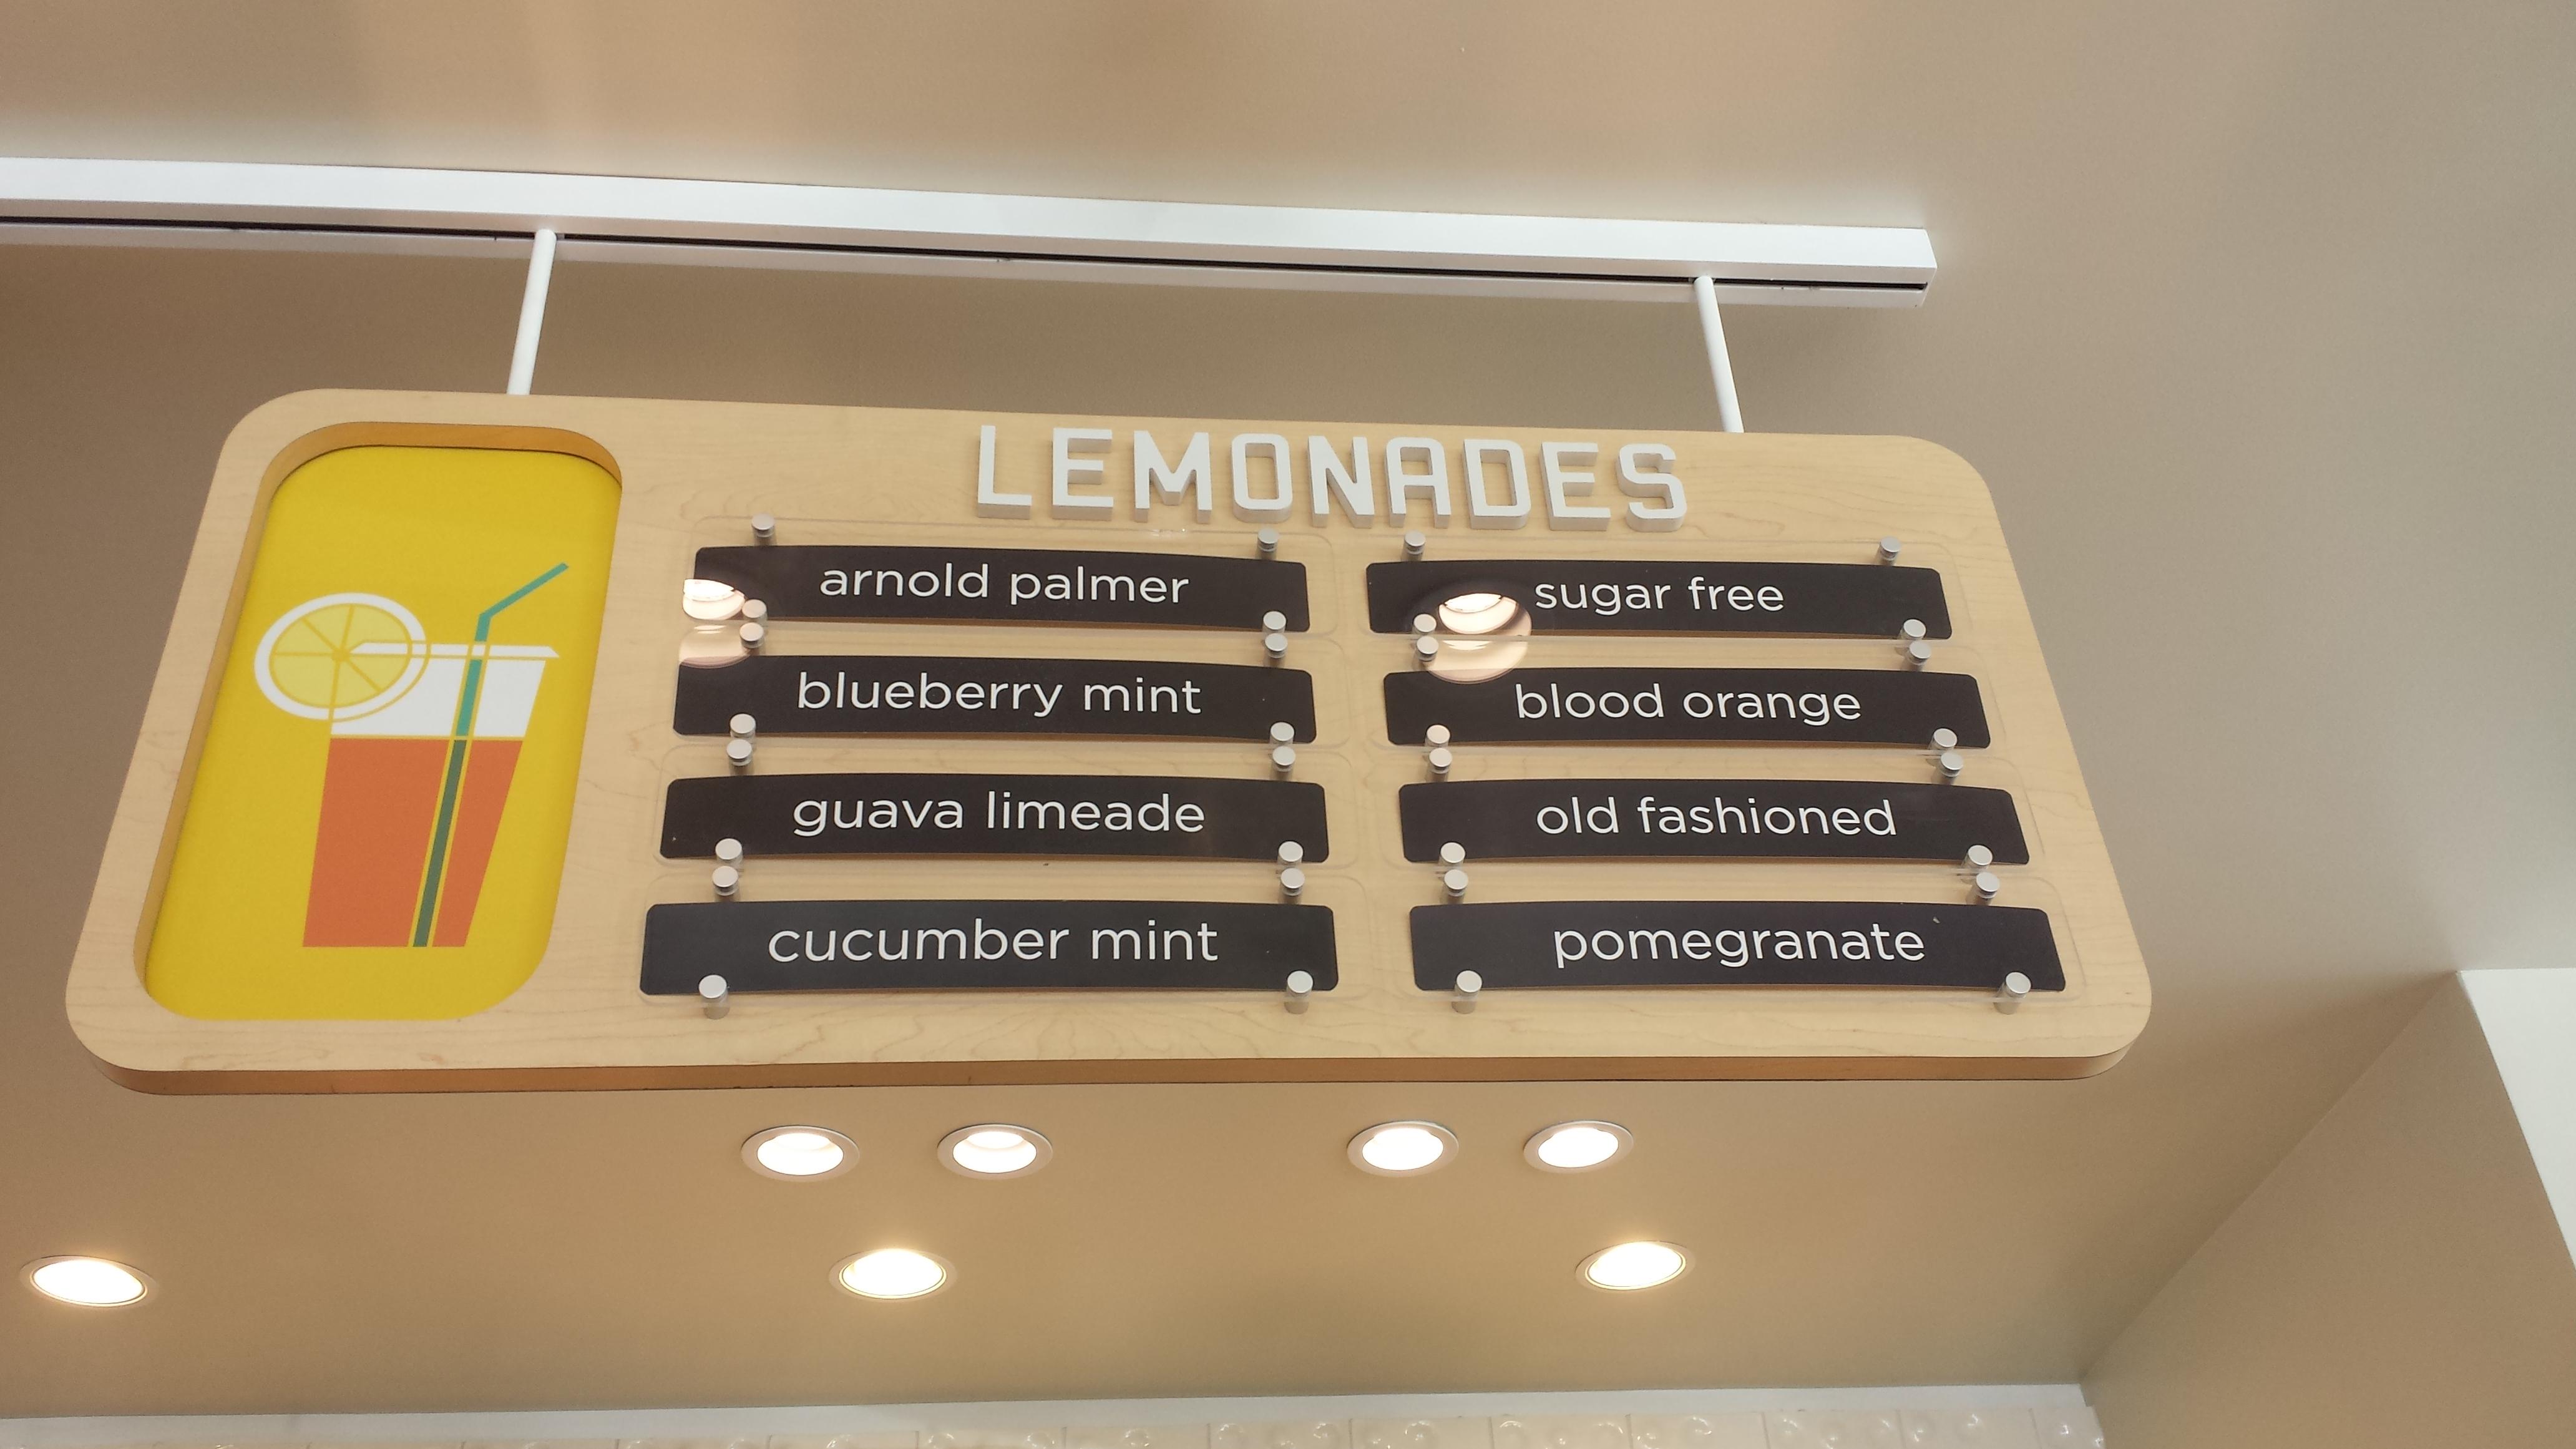 Lemonade LA - lemonade sign